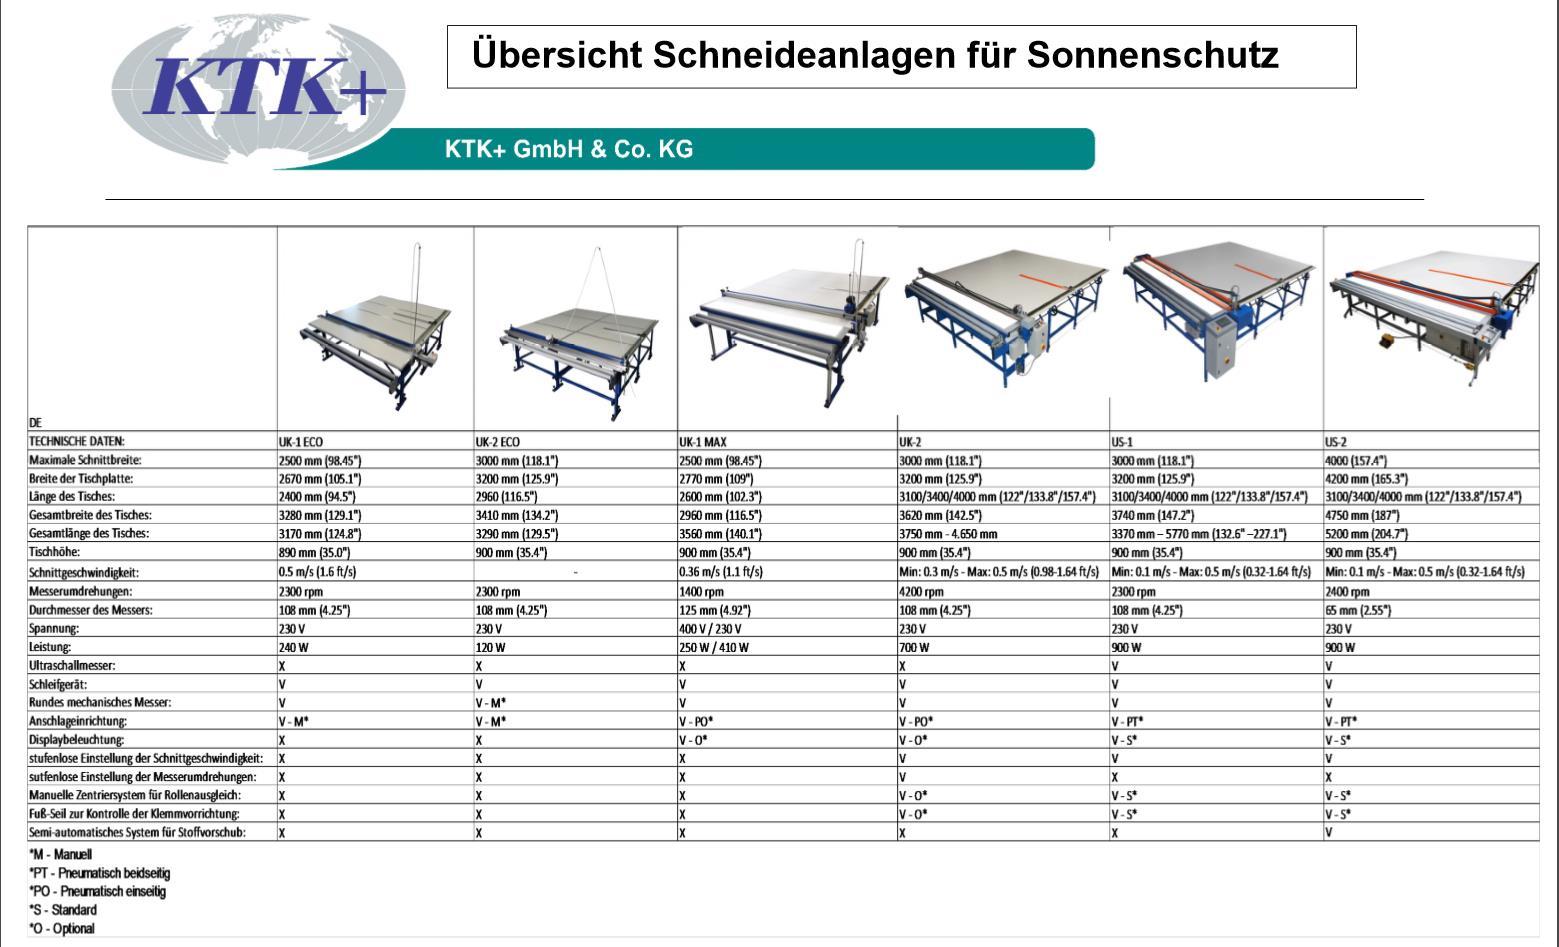 Fein Drahtplatten Für Decksschienen Bilder - Elektrische Schaltplan ...